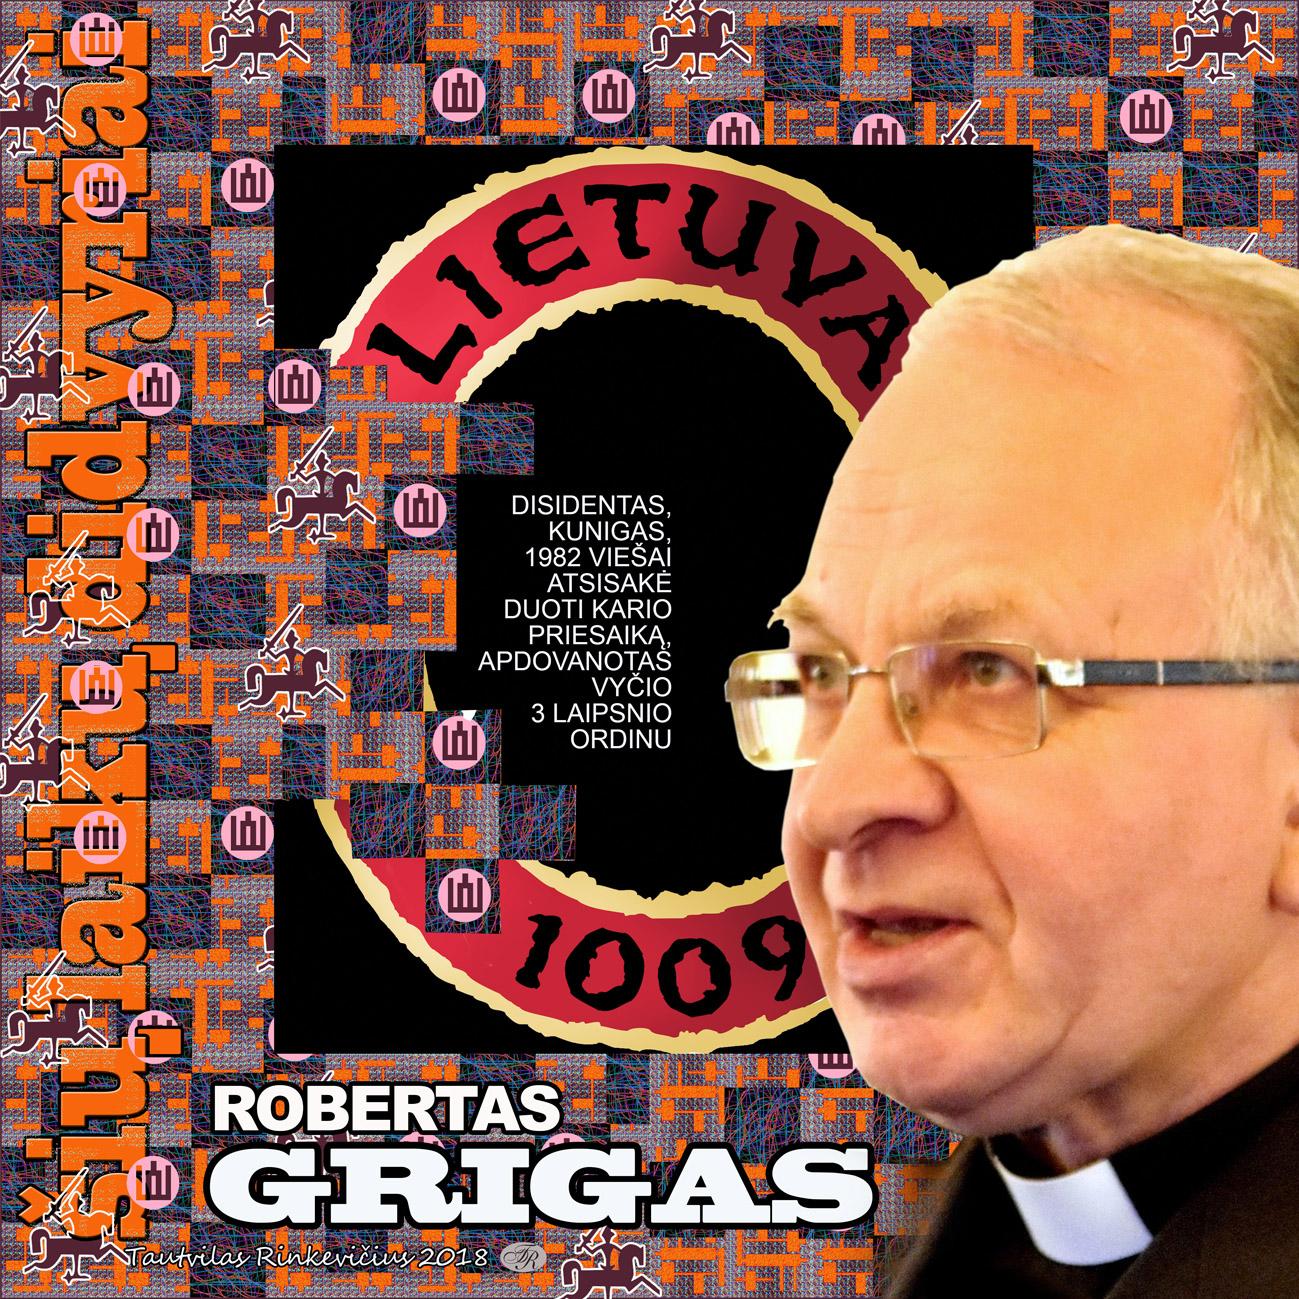 Robertas Grigas